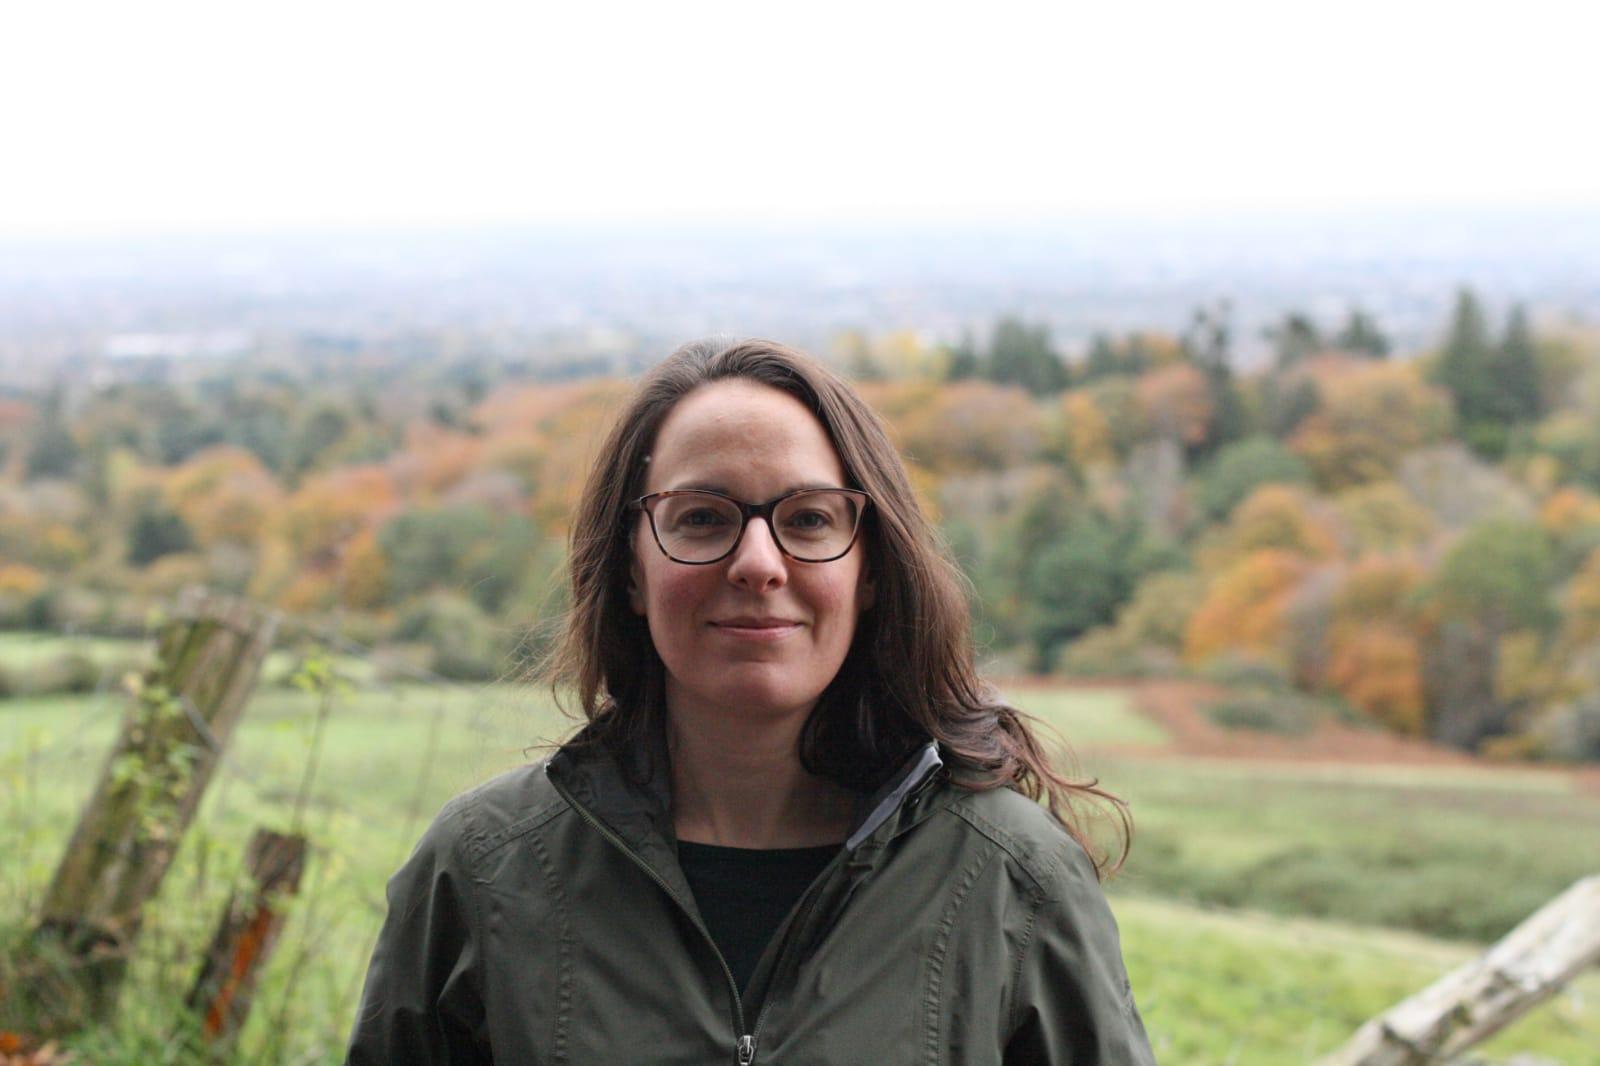 Suzanne McEnaney